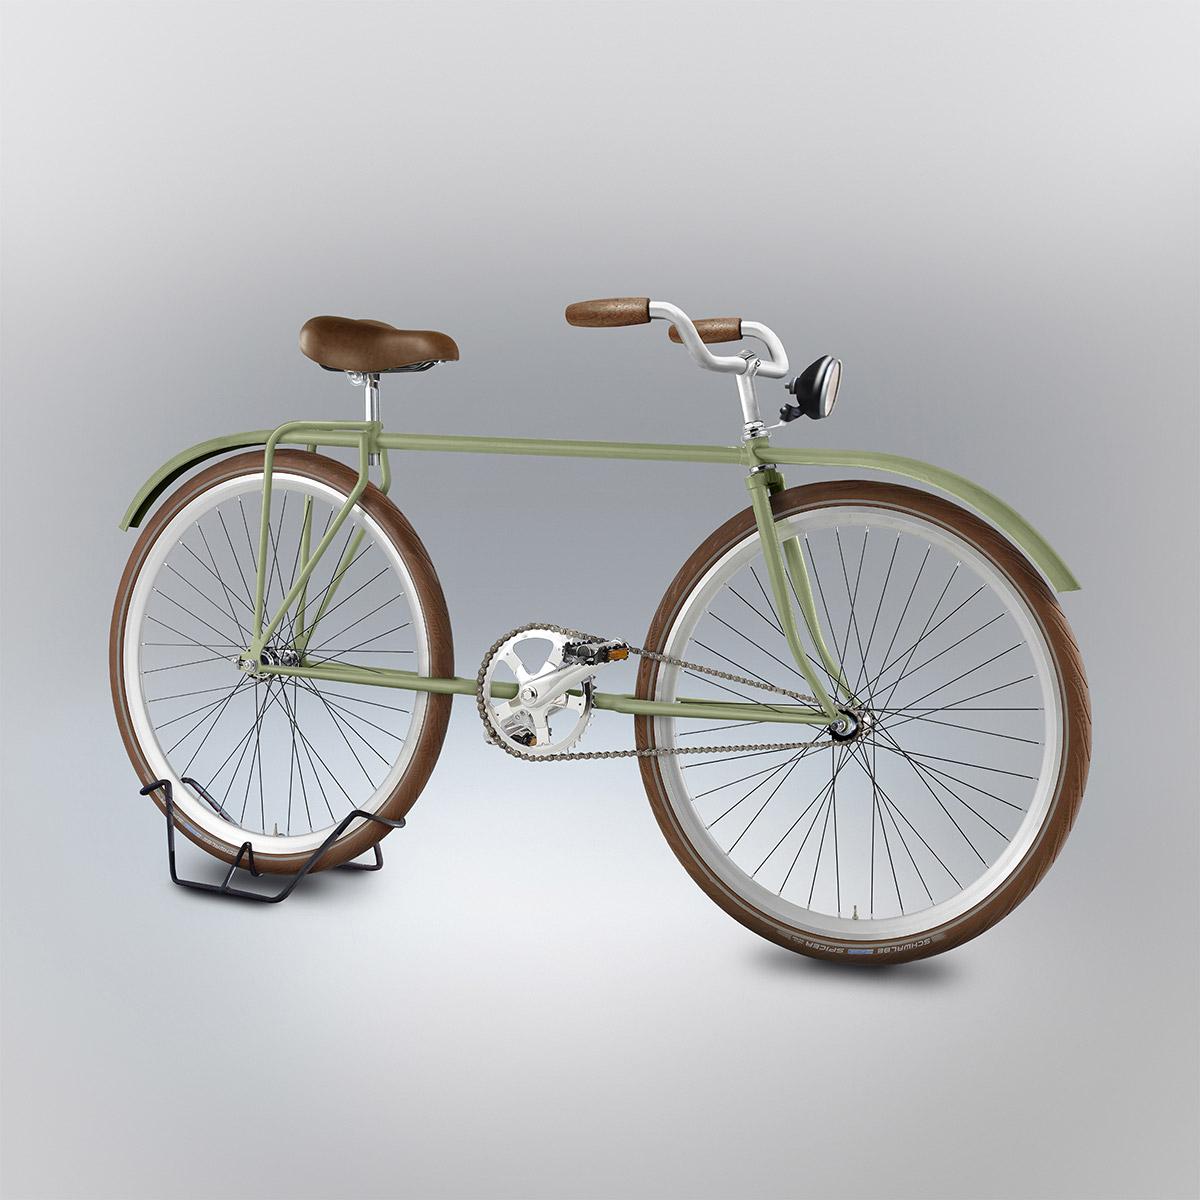 bike by mistake 22